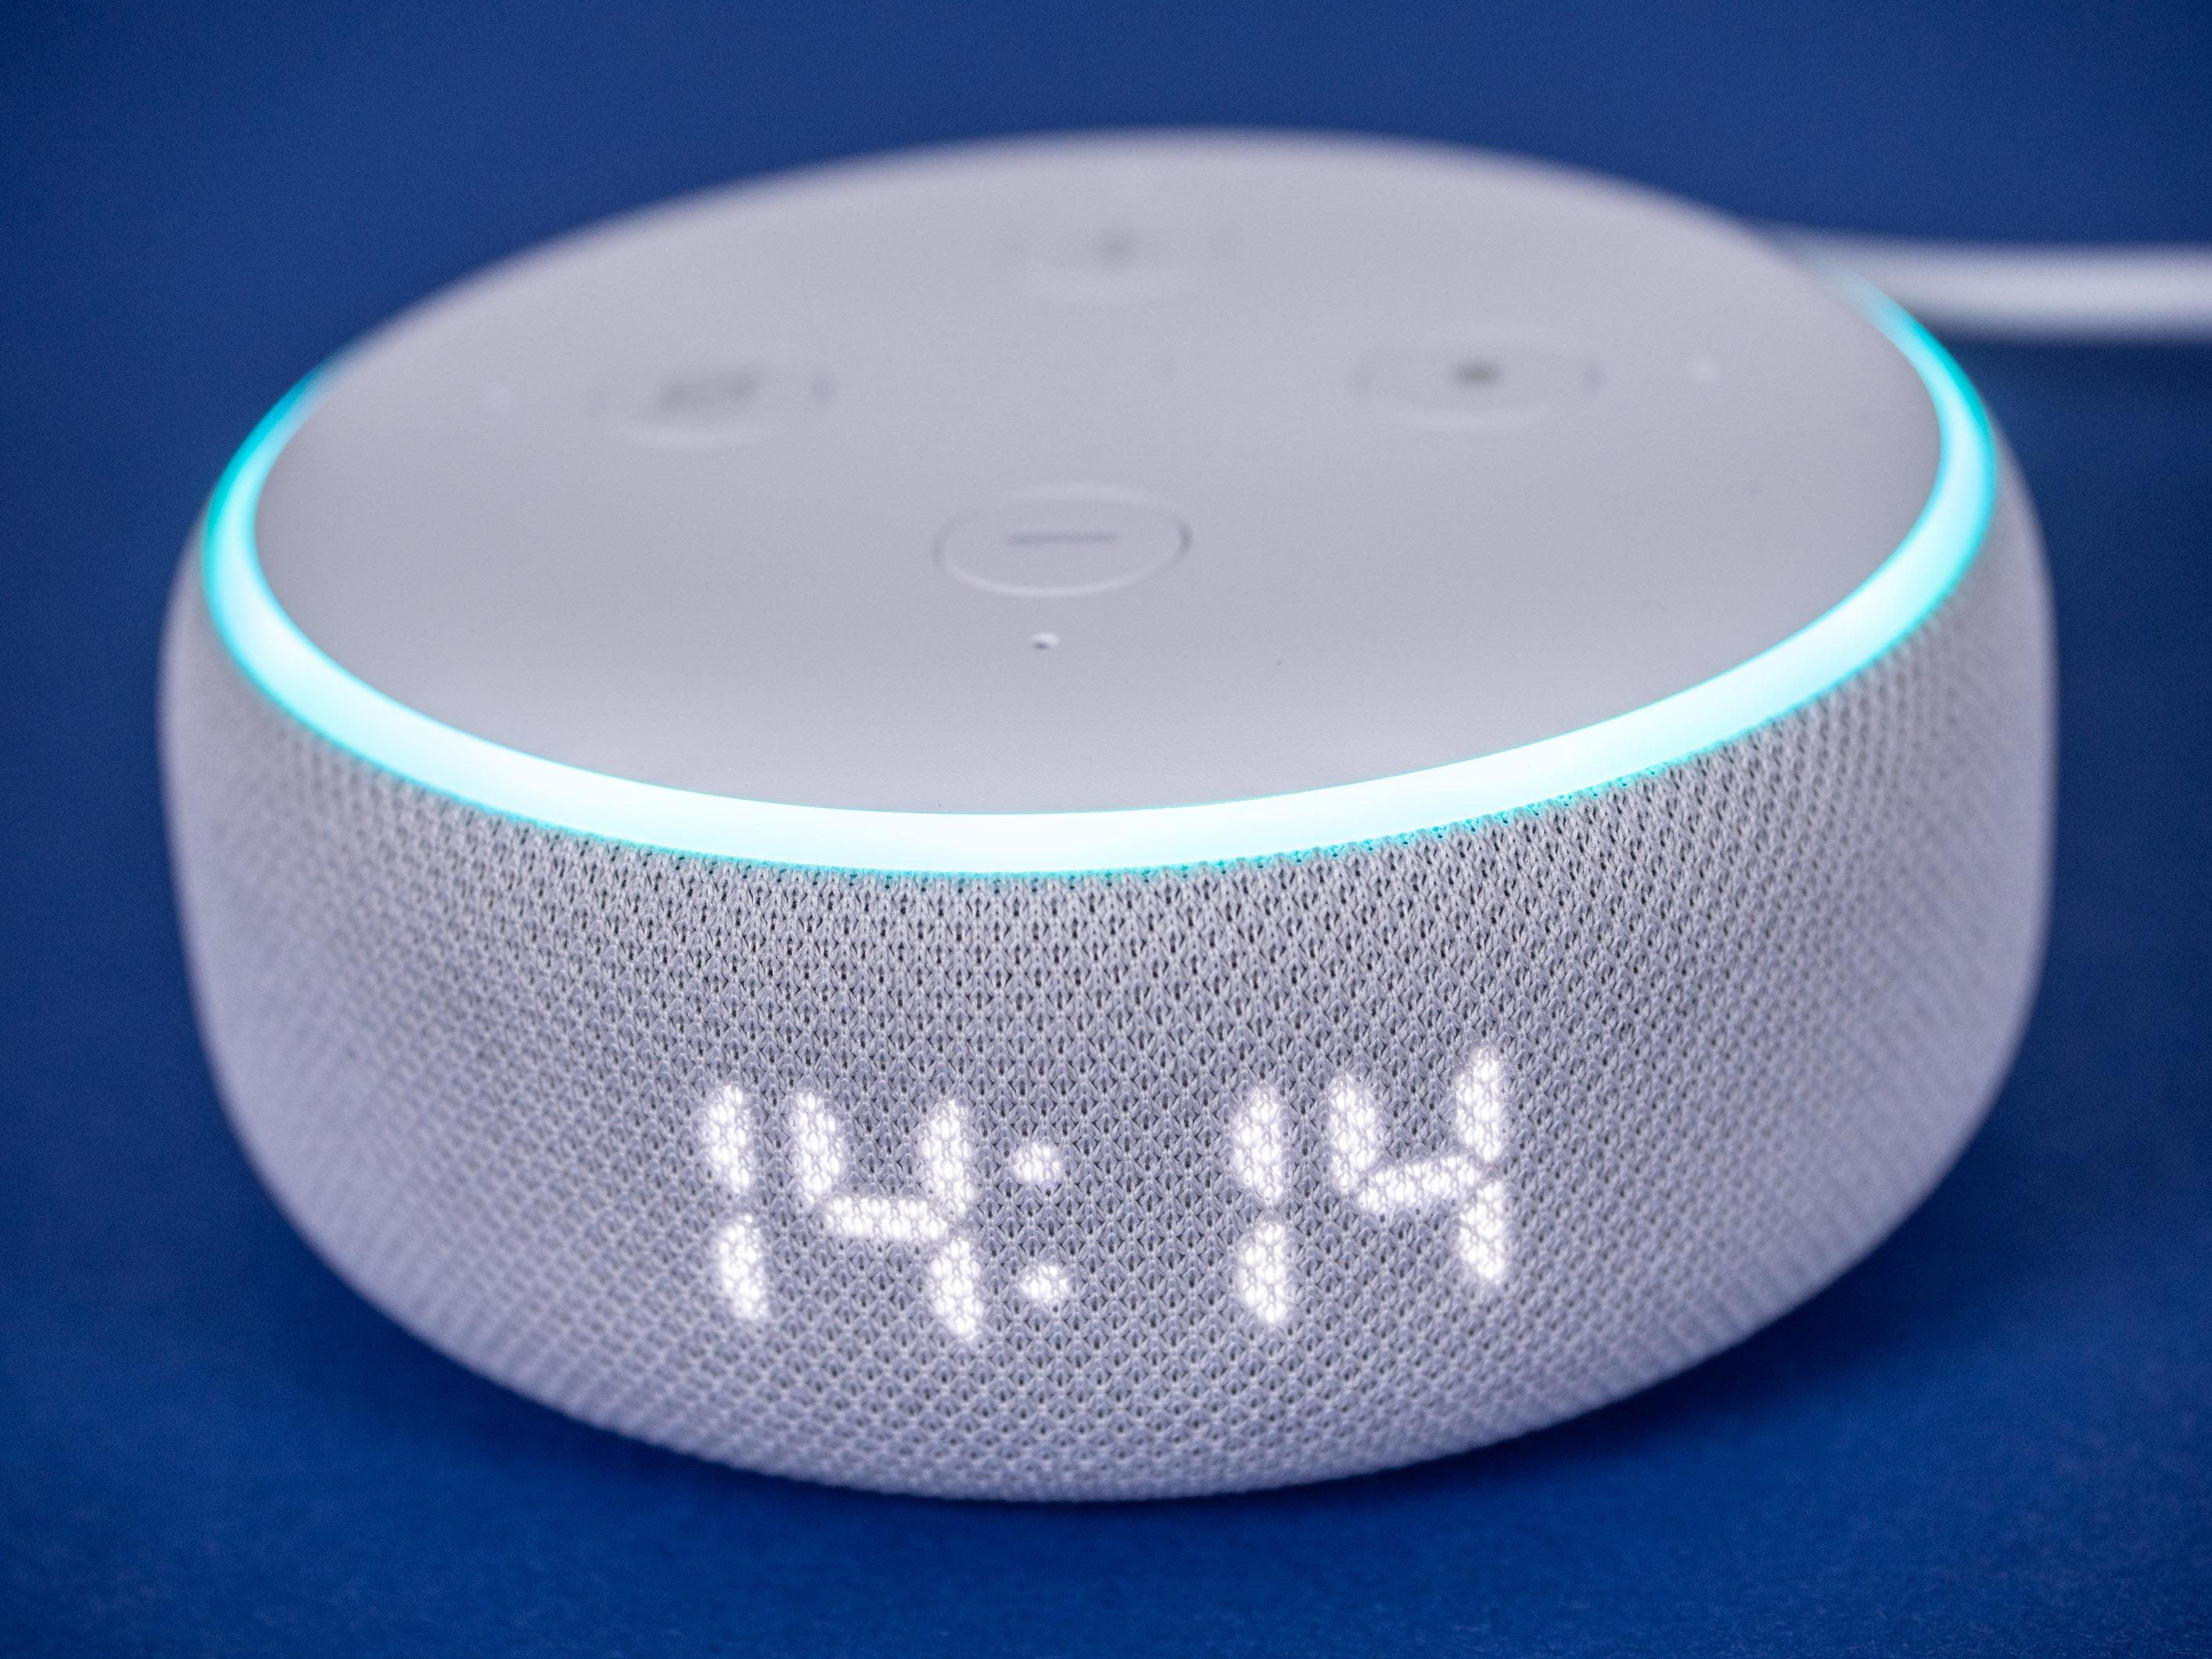 Echo Dot mit Uhr und Nest Mini im Test: Amazon hängt Google ab - Echo Dot mit Uhr mit aktiviertem Display und leuchtendem LED-Ring. (Bild: Martin Wolf/Golem.de)